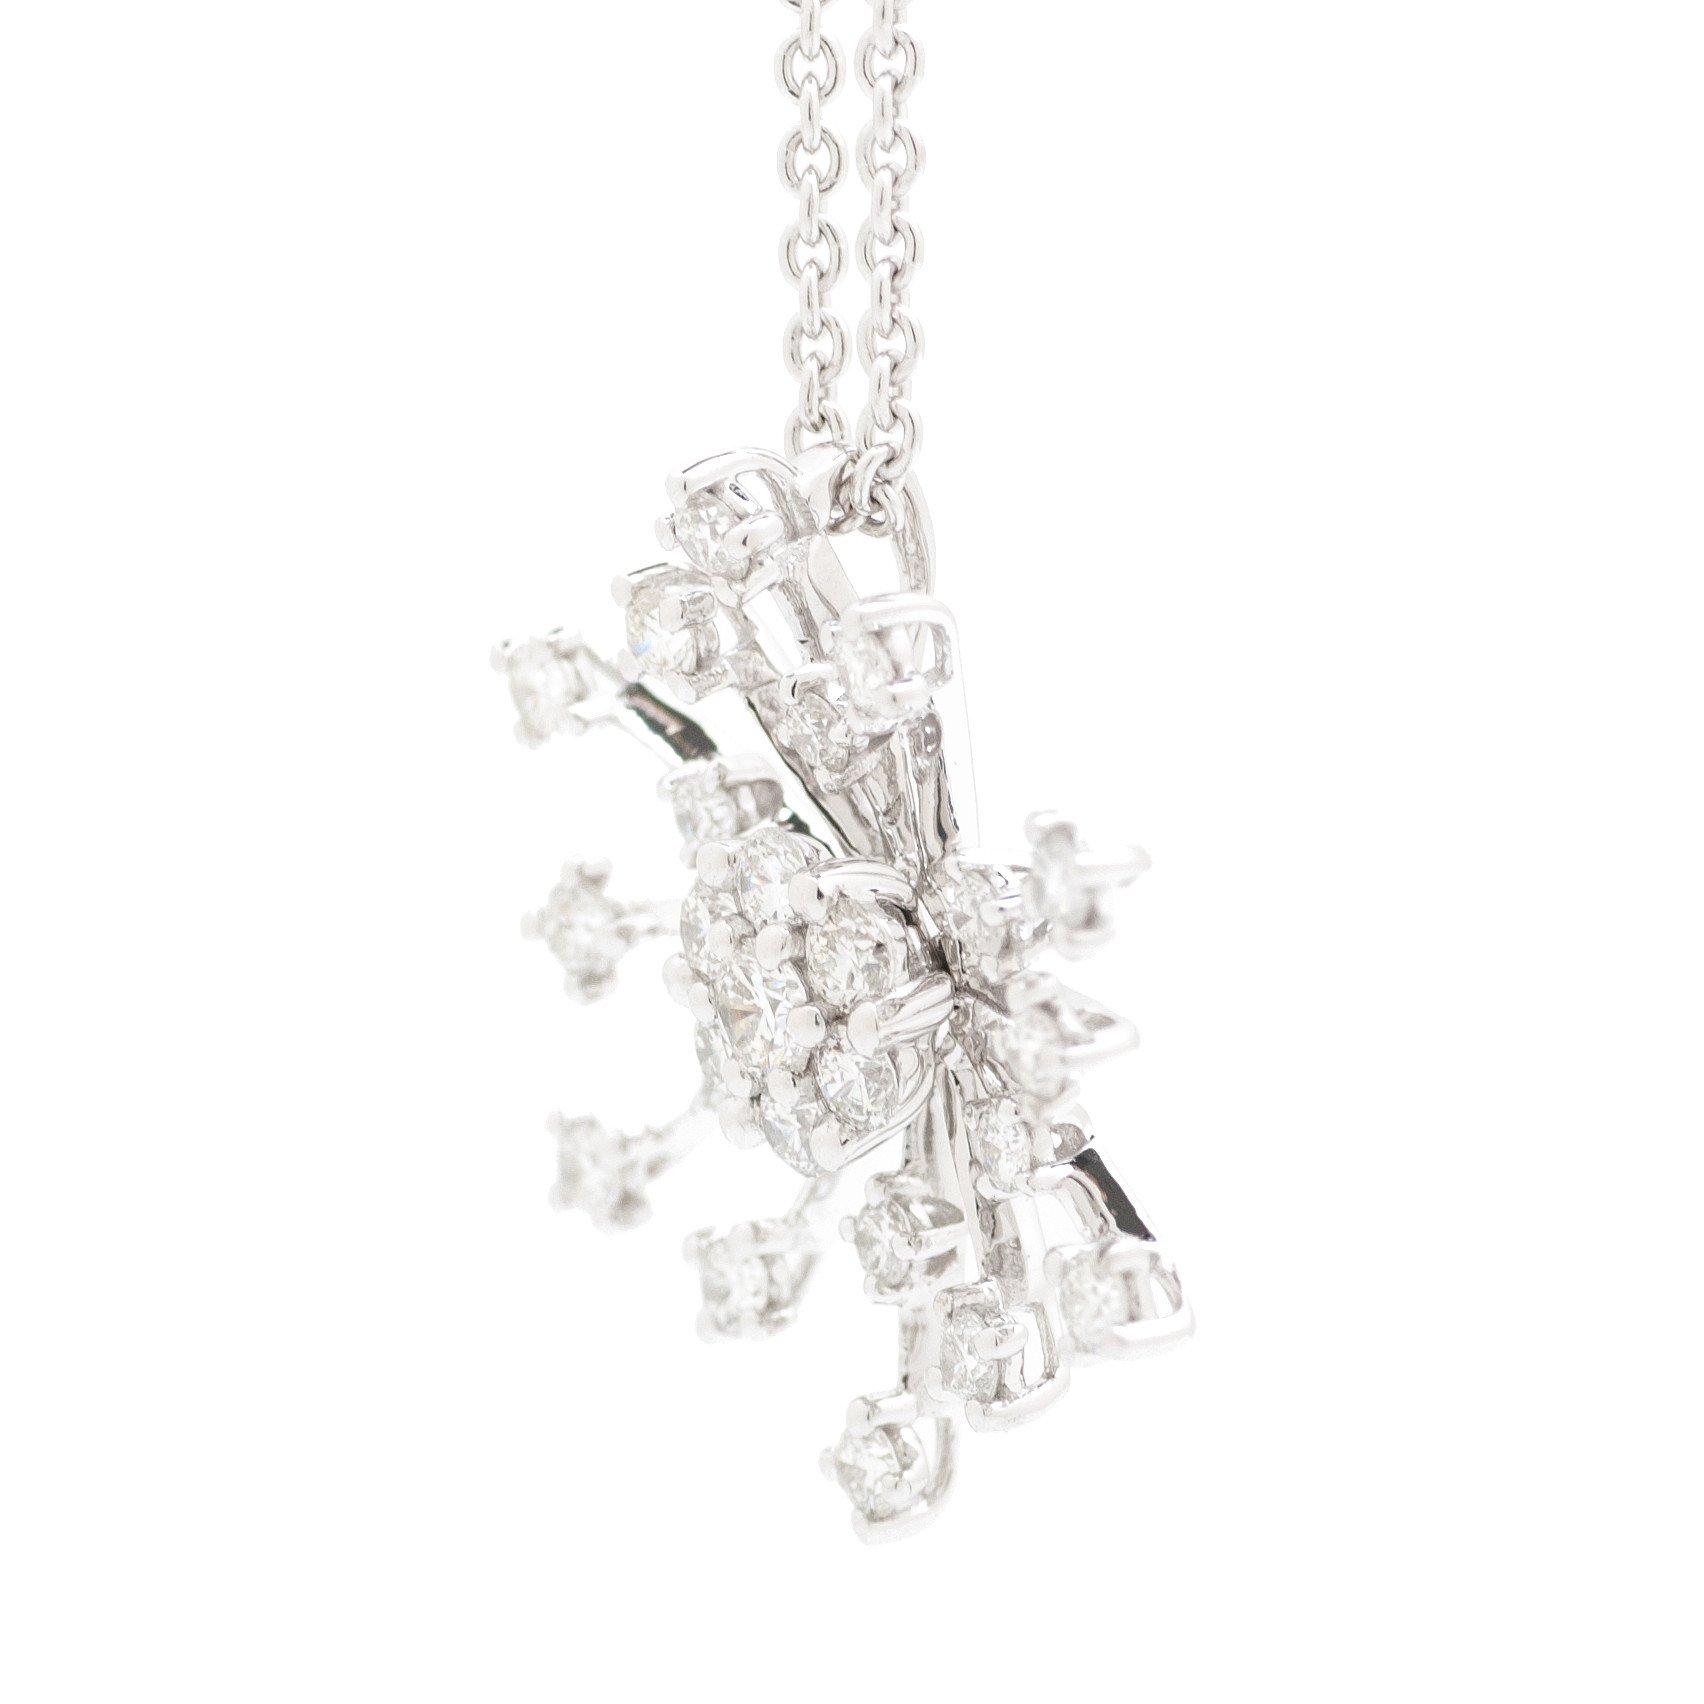 RADIATING ROUND DIAMOND HALO AND DIAMOND PAVE SNOWFLAKE